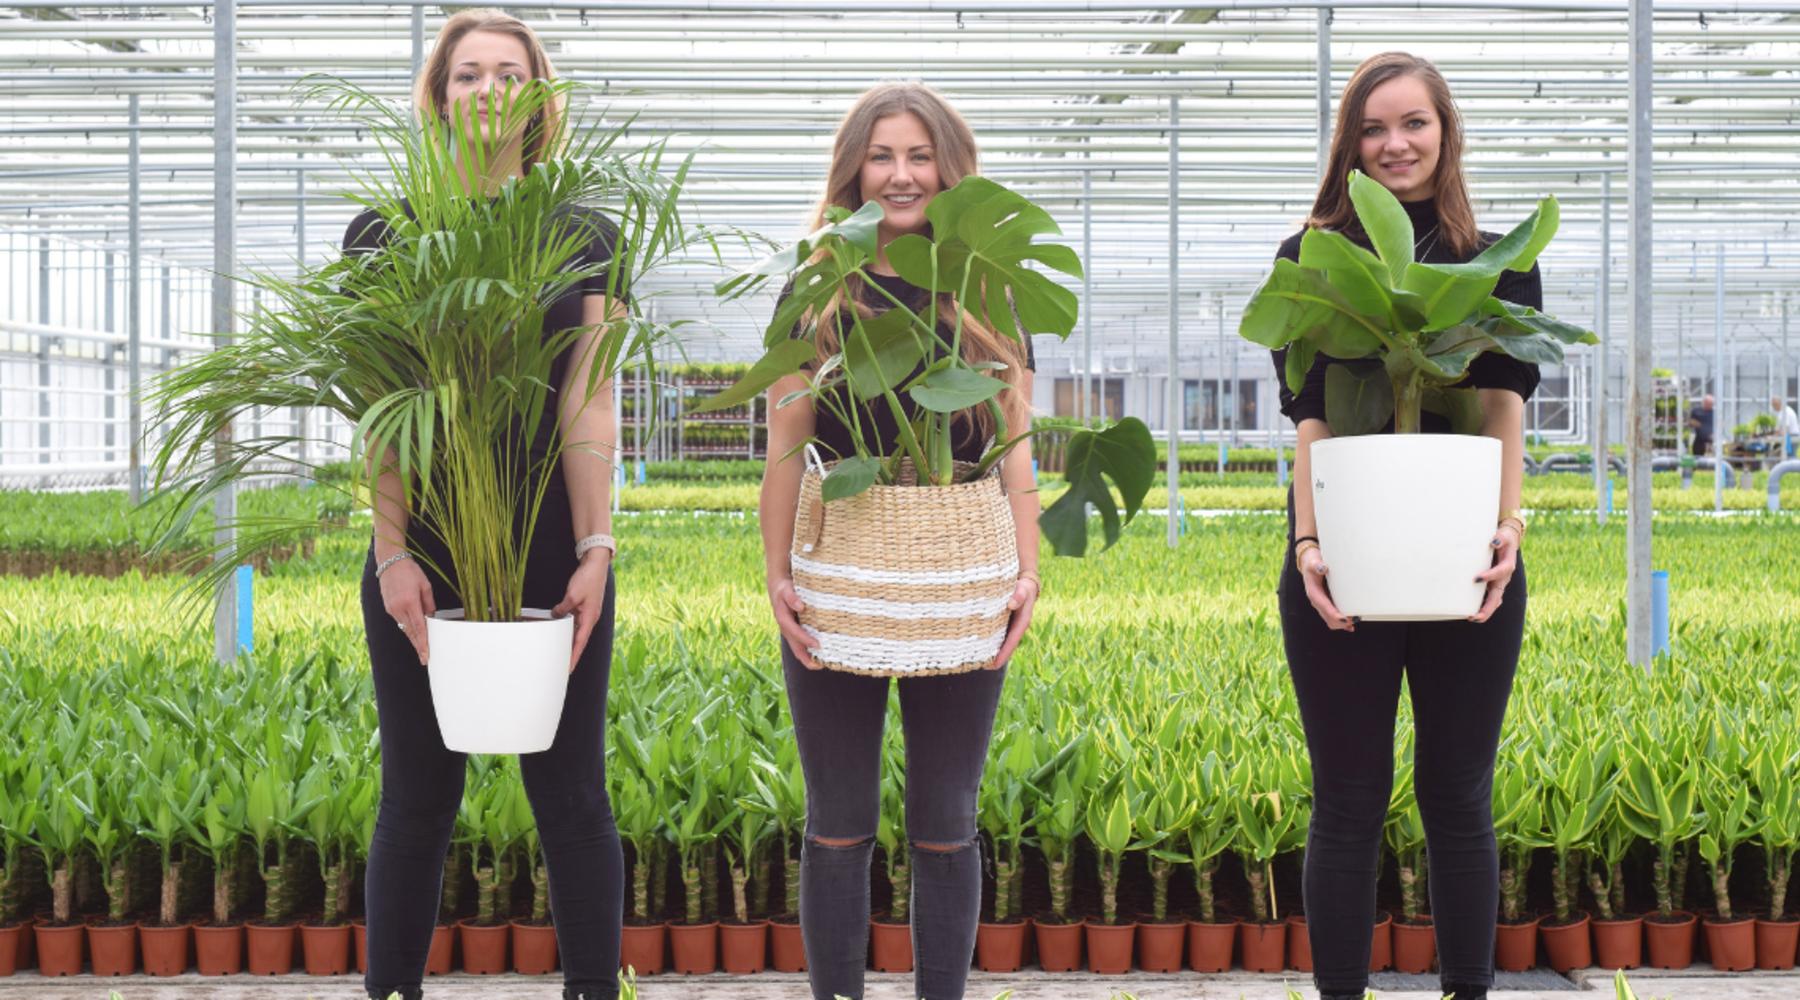 Plantenmeisjes met een missie!